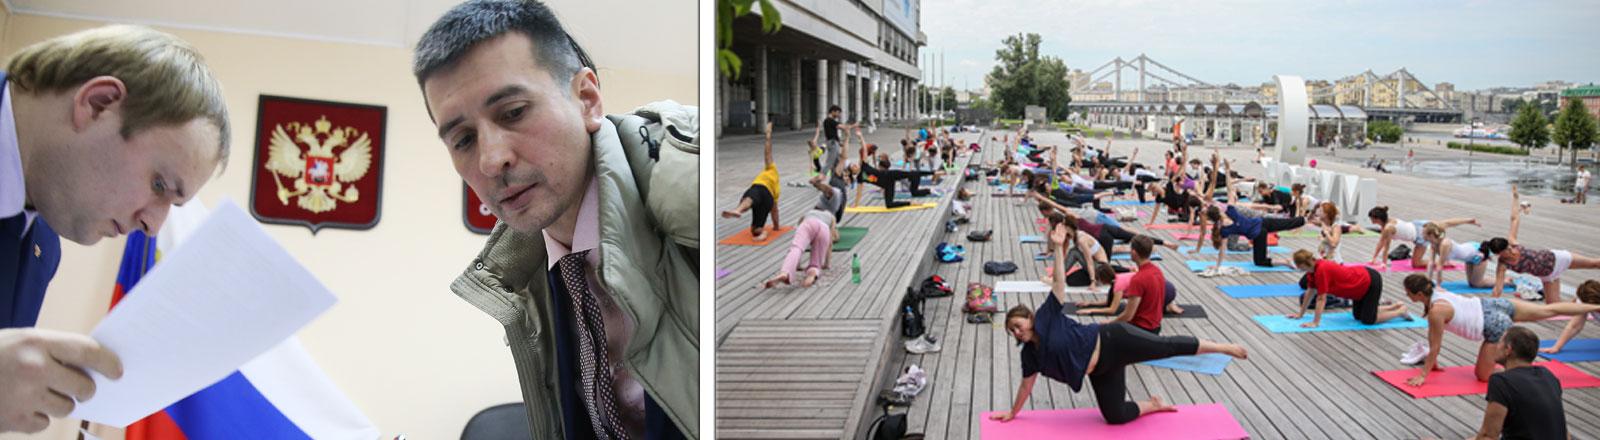 Yogalehrer Dmitry Ugai vor Gericht in Sankt Petersburg / Öffentliches Yoga im Muzeon Arts Park in Moskau